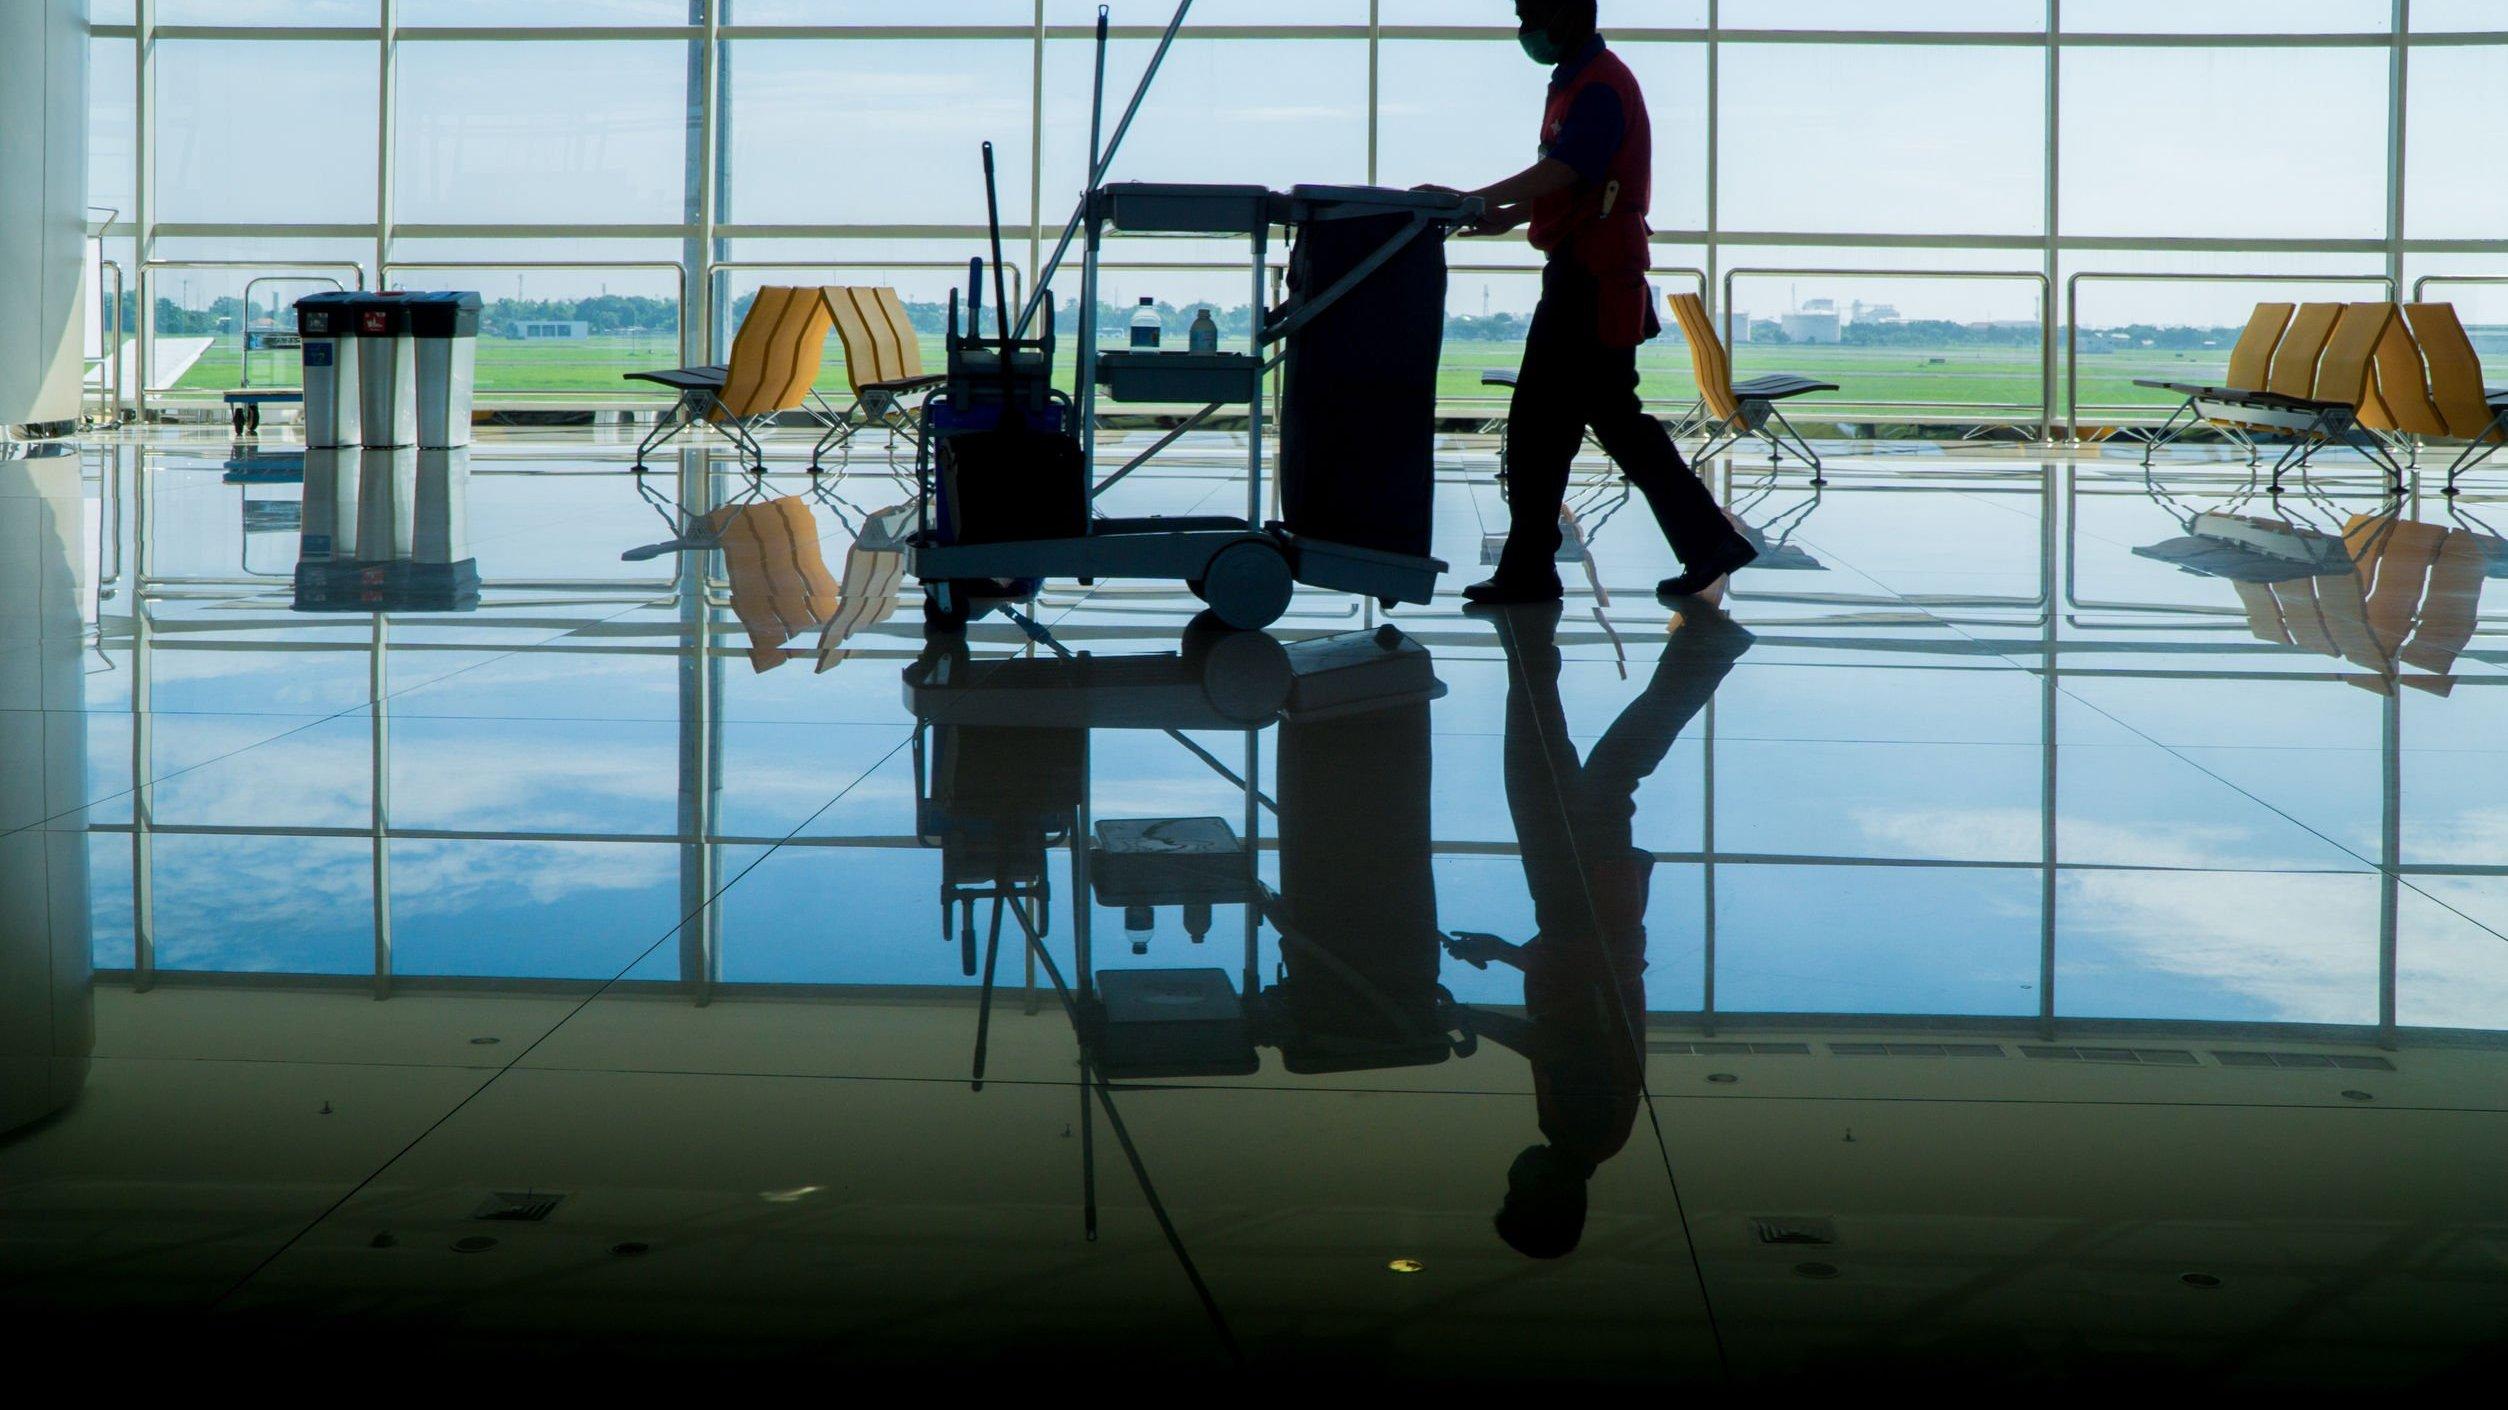 Zelador caminhando em aeroporto